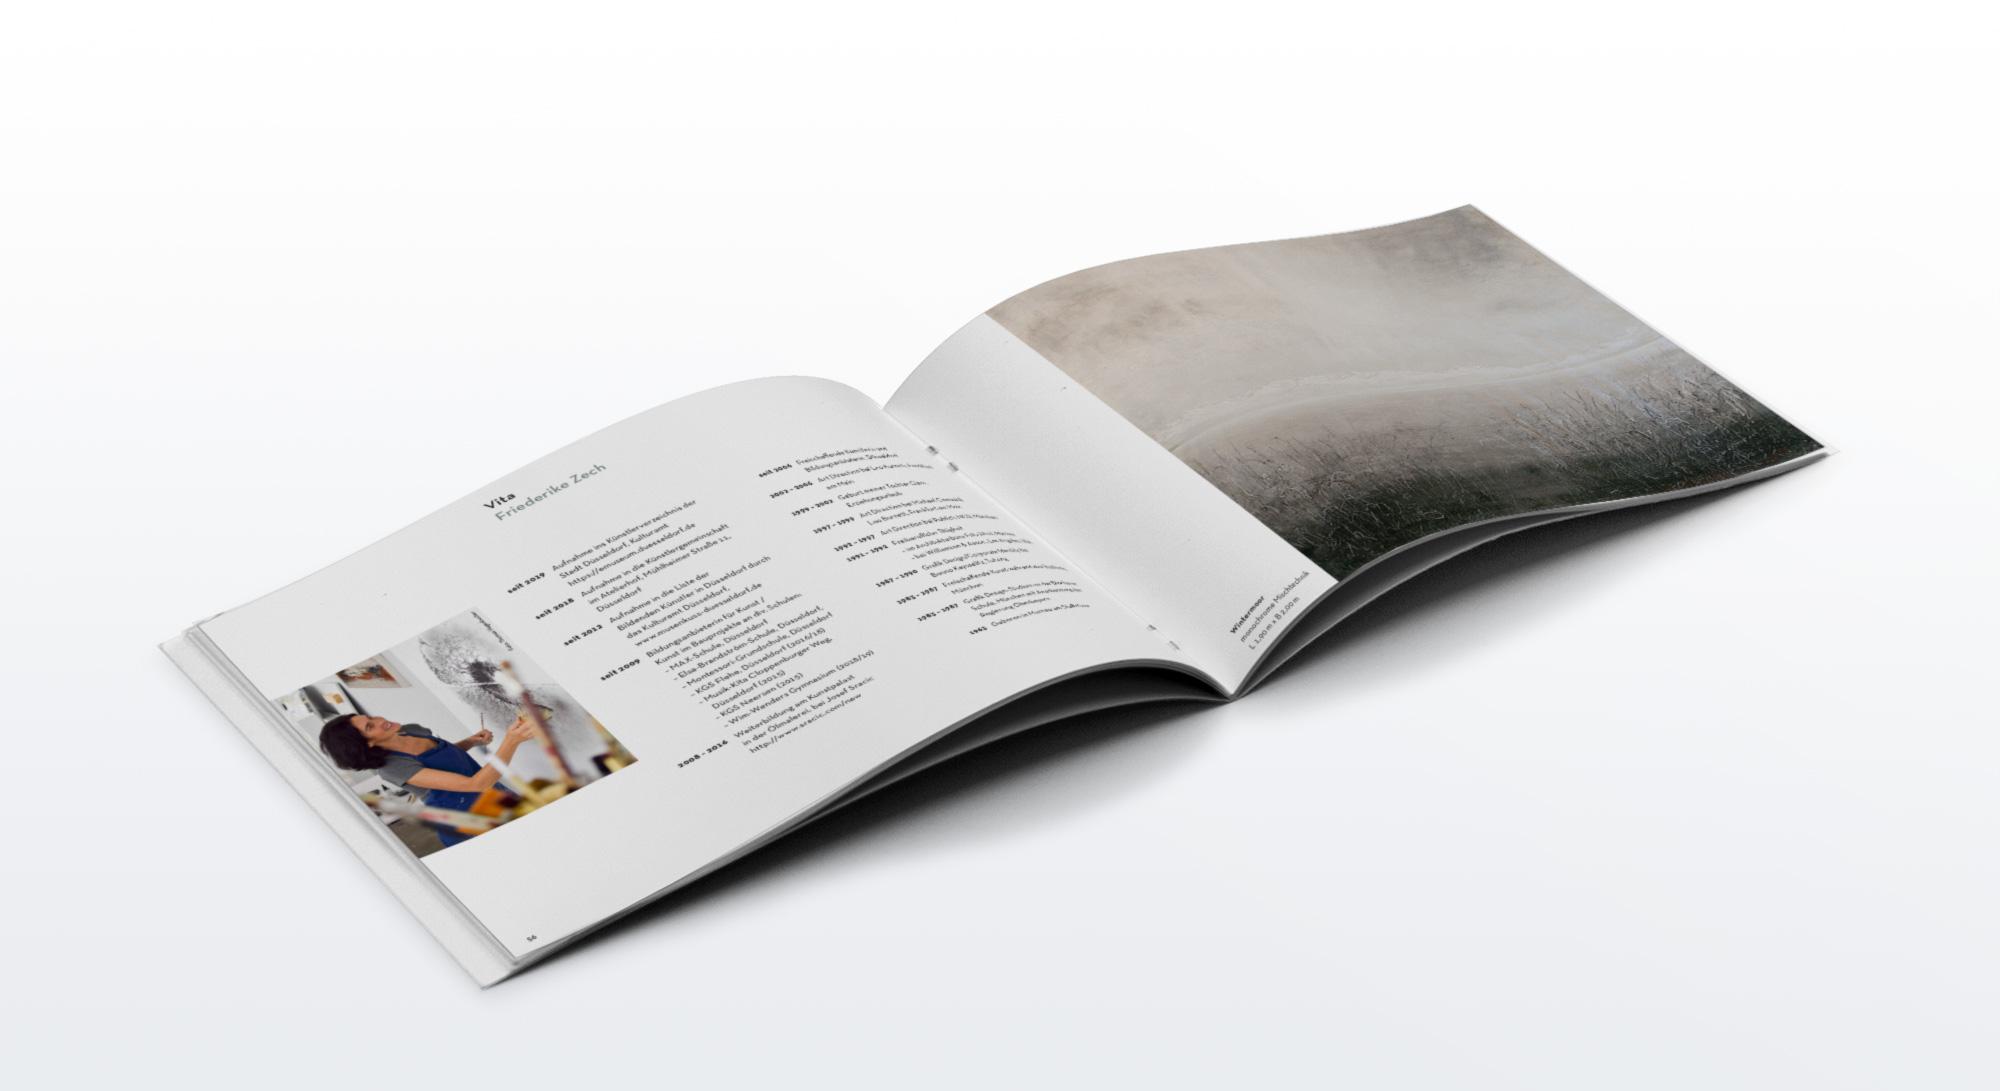 Katalog Landstriche S48-49